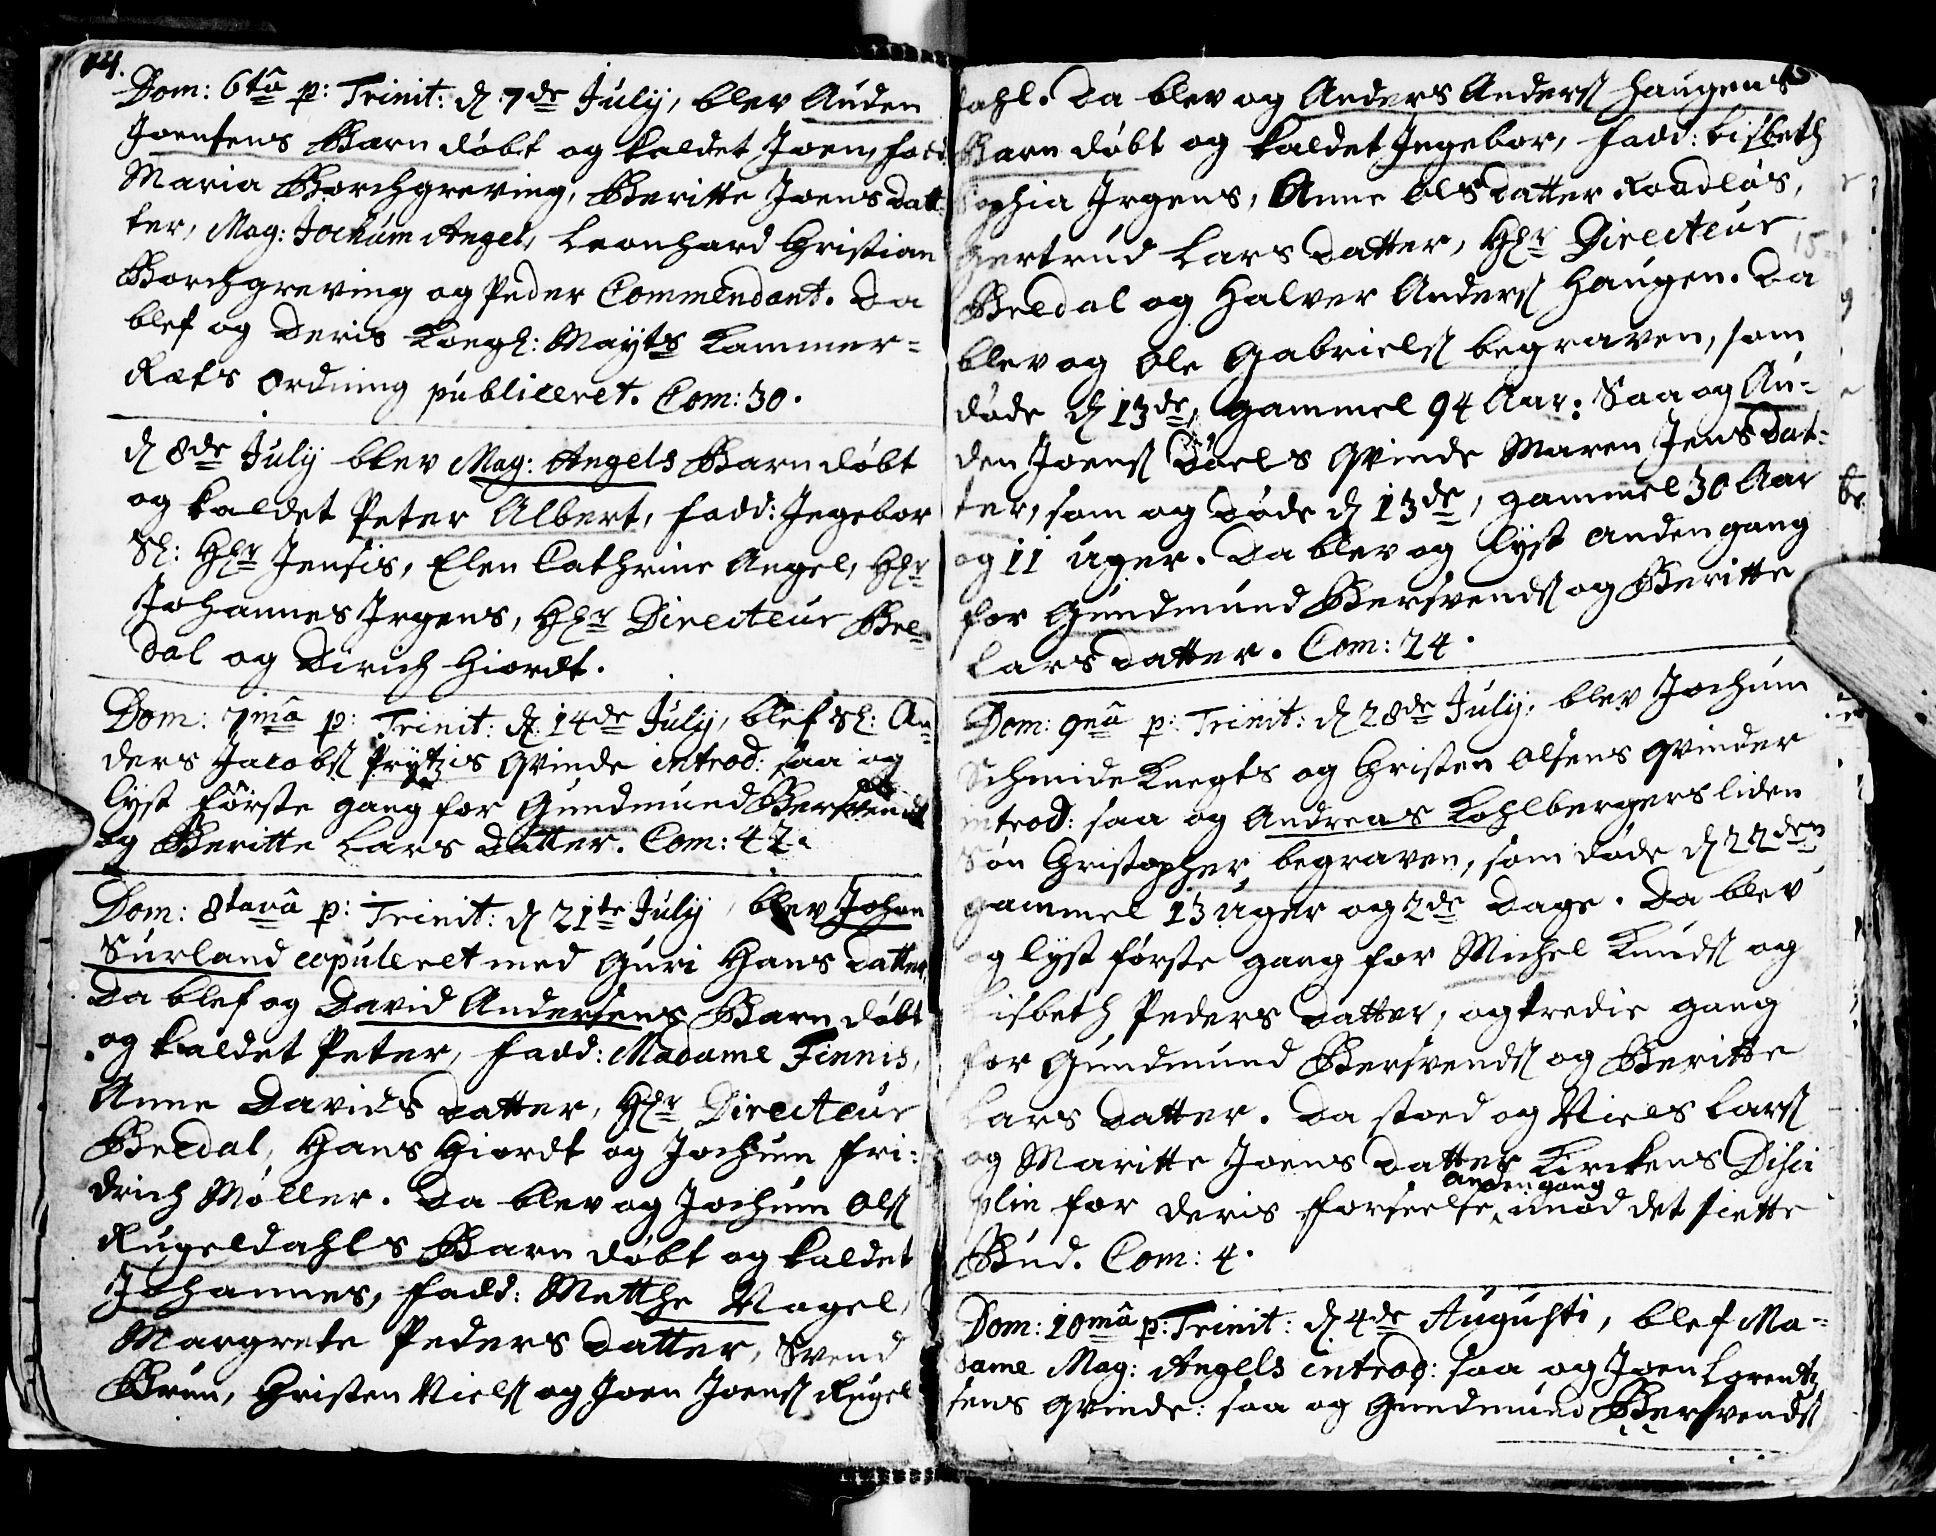 SAT, Ministerialprotokoller, klokkerbøker og fødselsregistre - Sør-Trøndelag, 681/L0924: Ministerialbok nr. 681A02, 1720-1731, s. 14-15